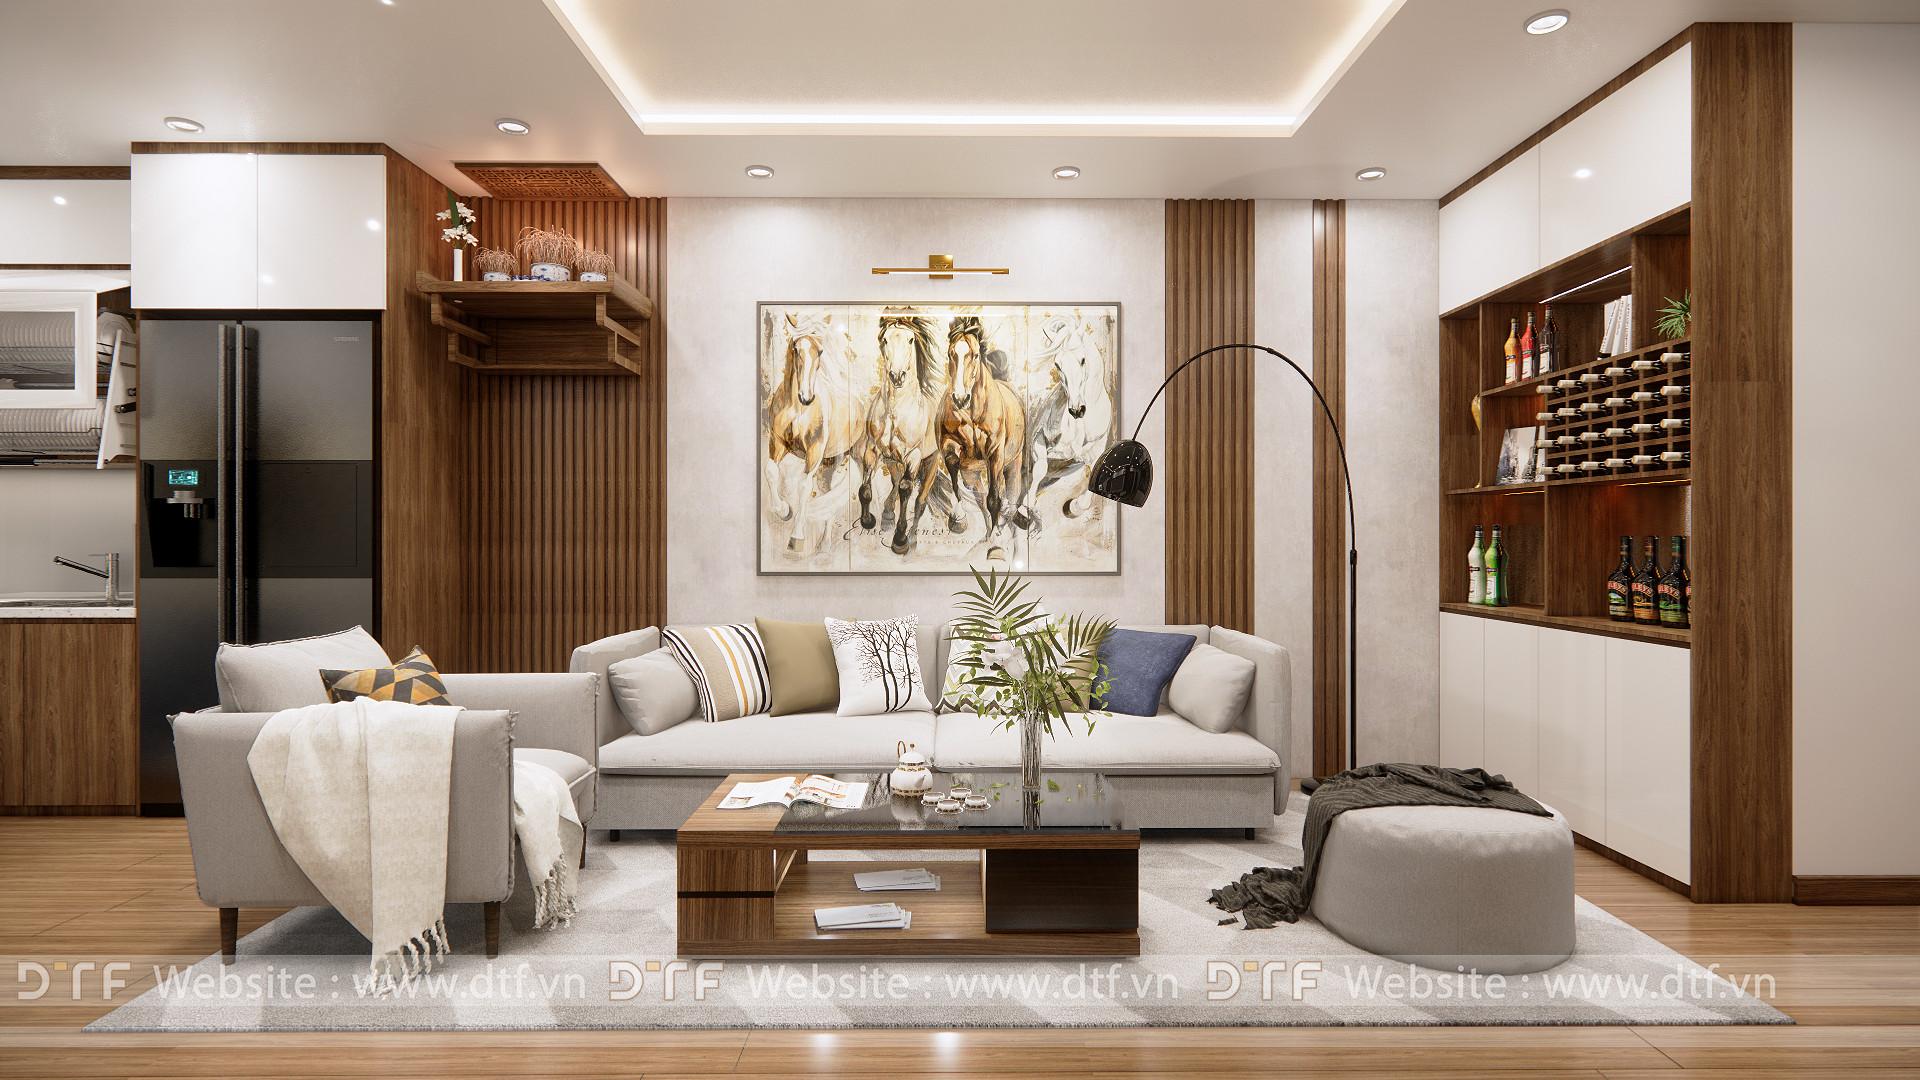 Thiết kế nội thất chung cư đẹp cao cấp tại Hoàng Mai